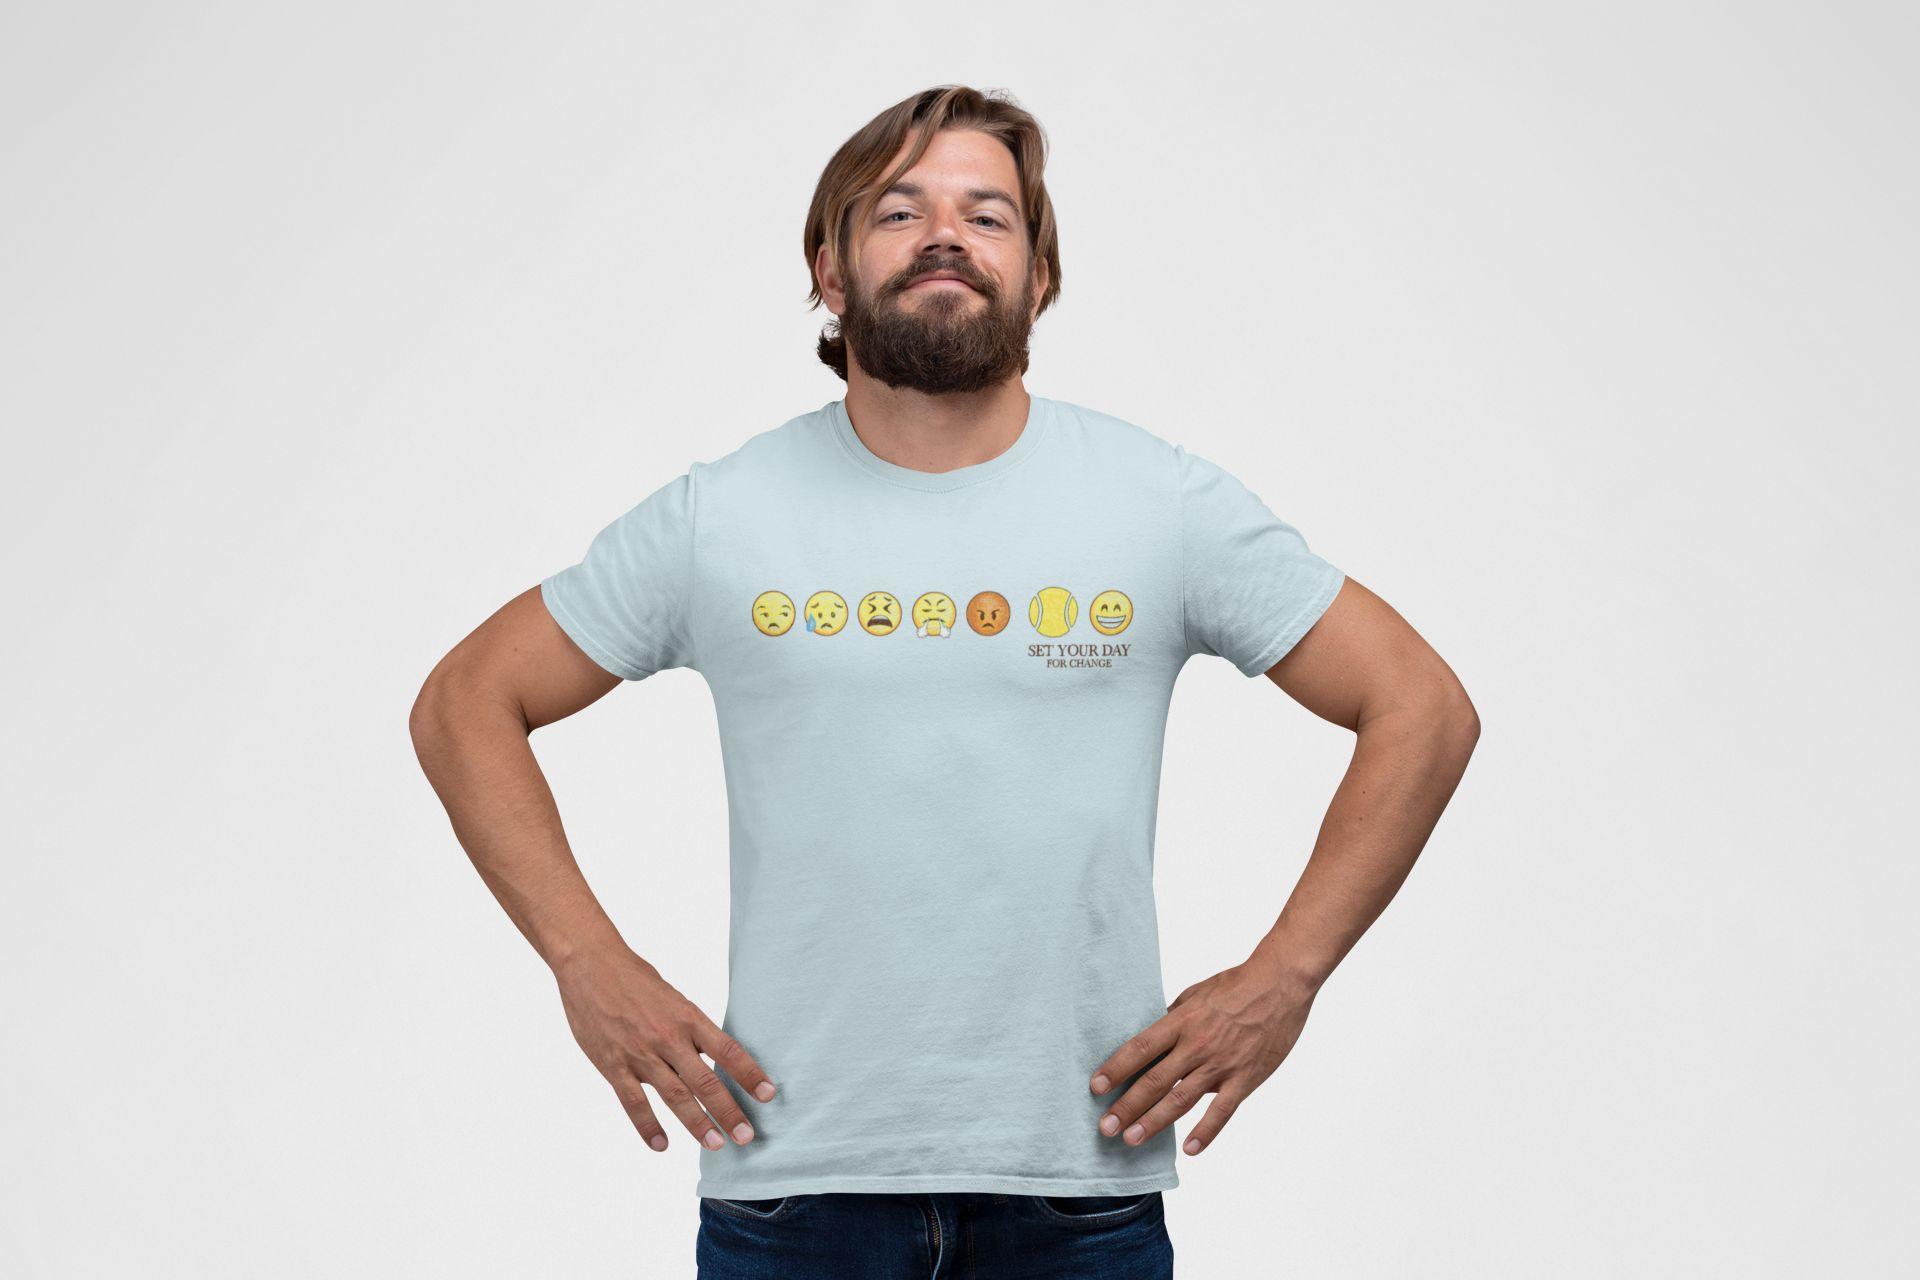 Camiseta SET YOUR DAY - FOR CHANGE  >> Coleção 2019 >> MASCULINA